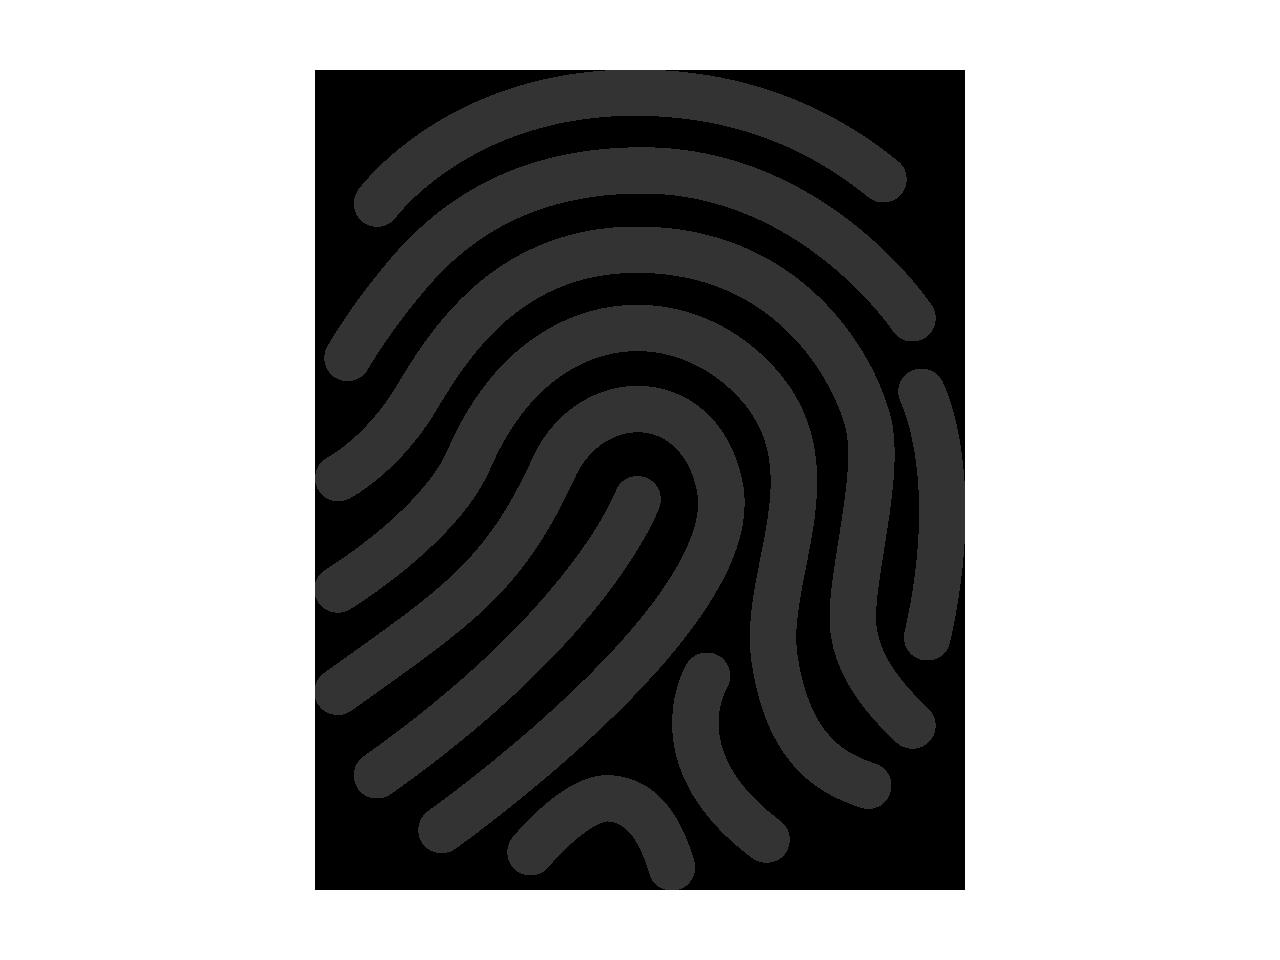 Fingerprint PNG Transparent Images PNG All dna